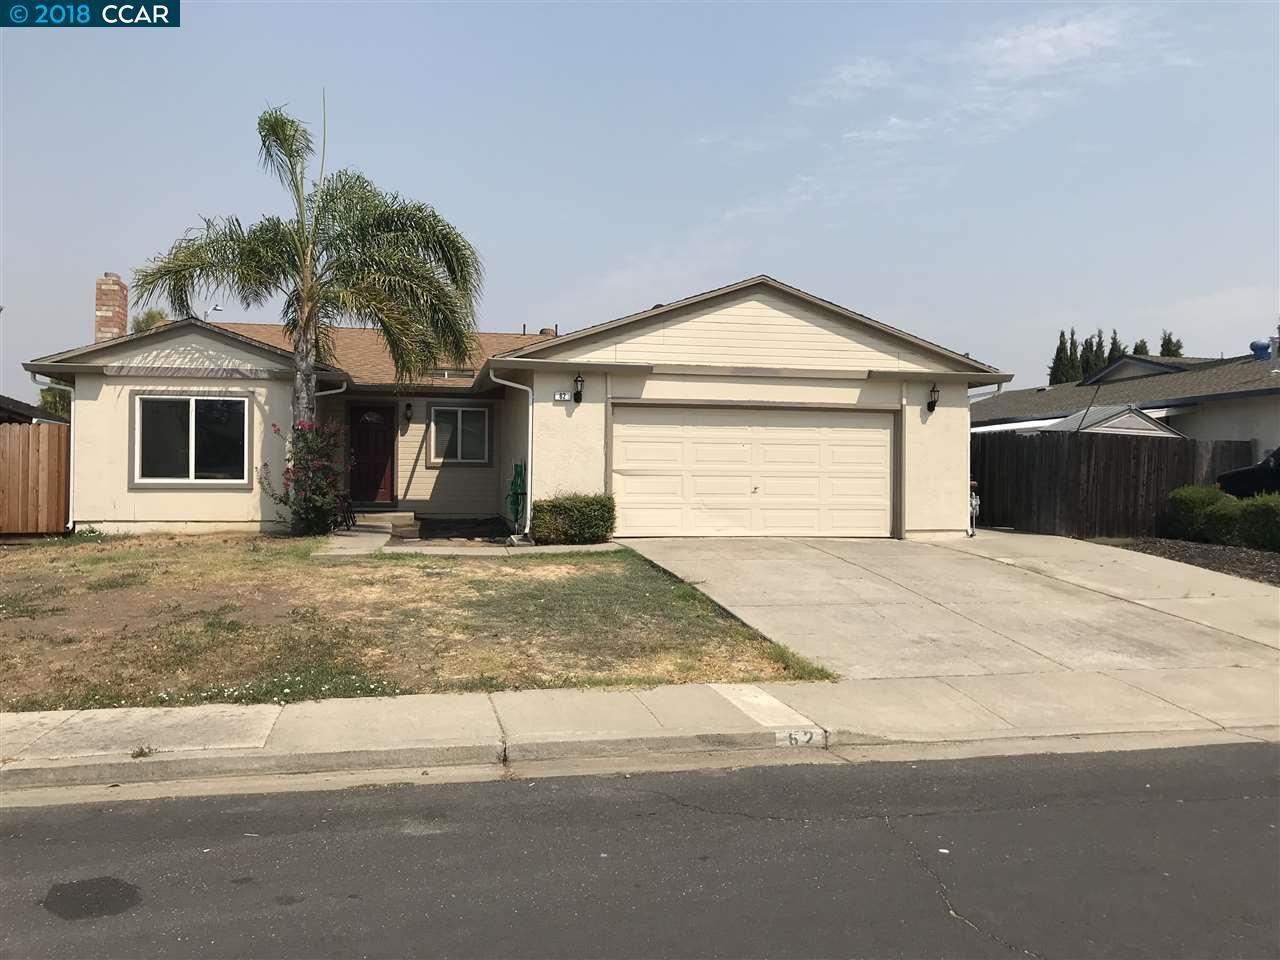 62 Cloverleaf Cir, BRENTWOOD, CA 94513